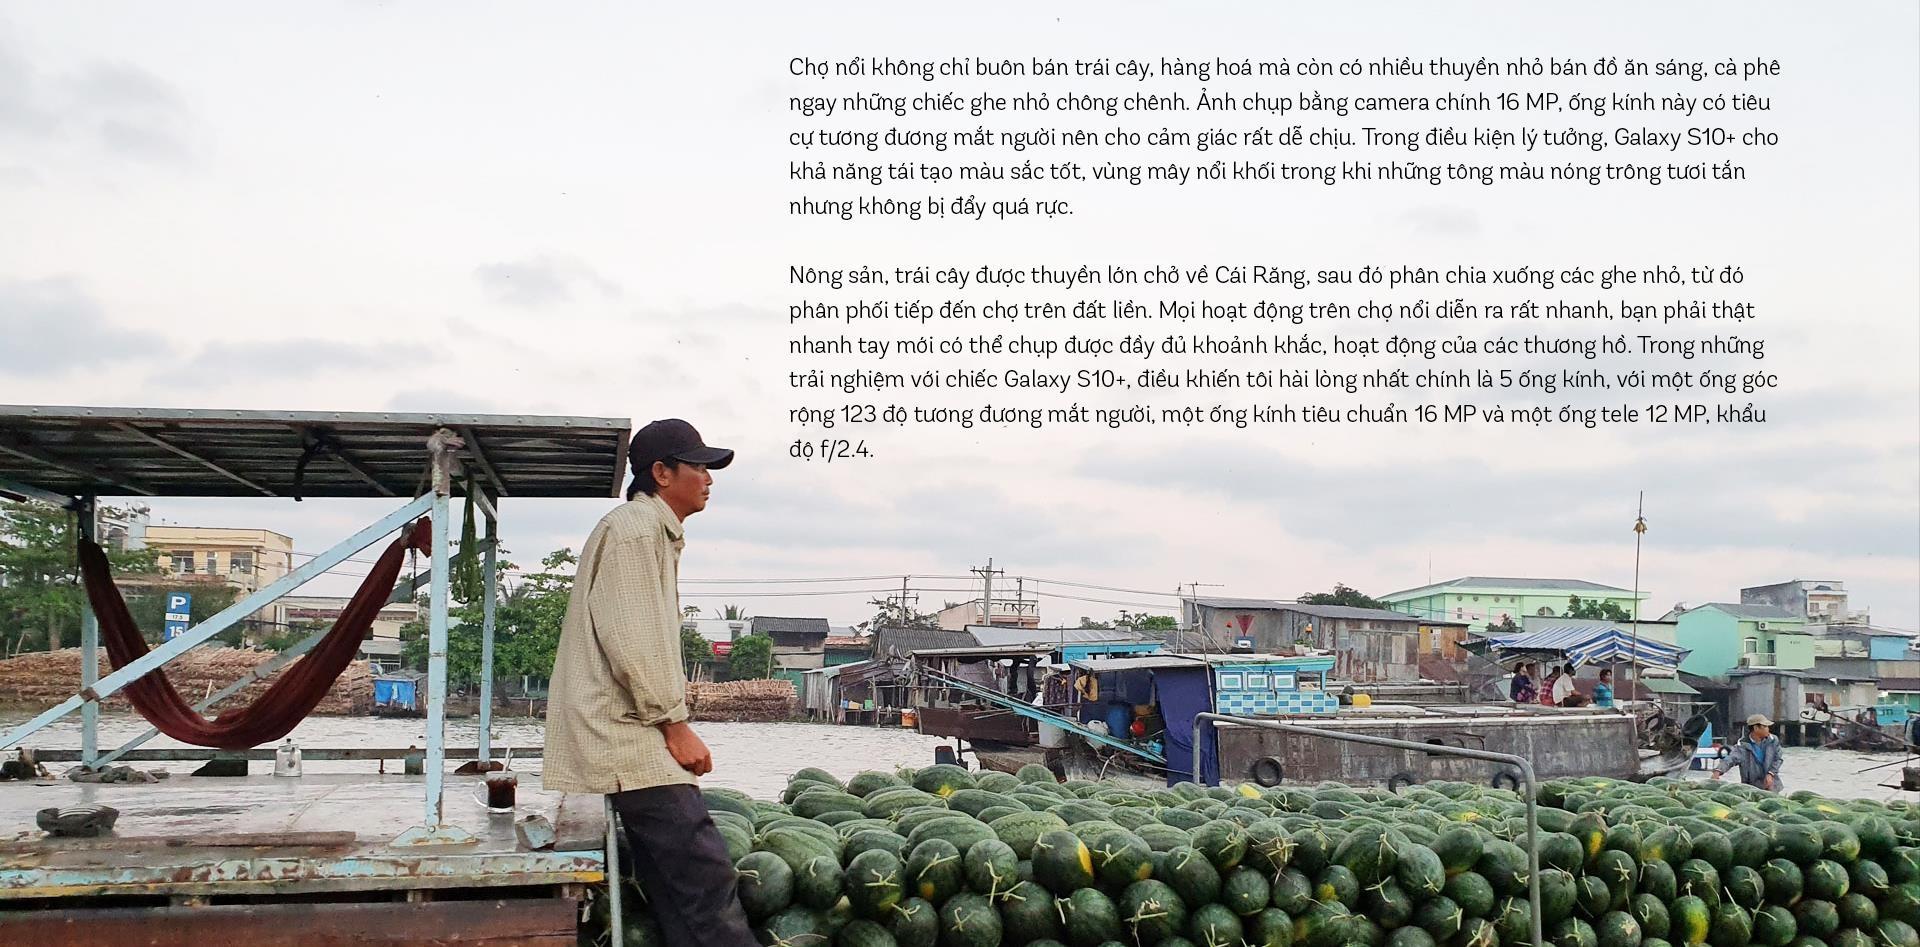 Doi song thuong ho tren cho noi Cai Rang hinh anh 16